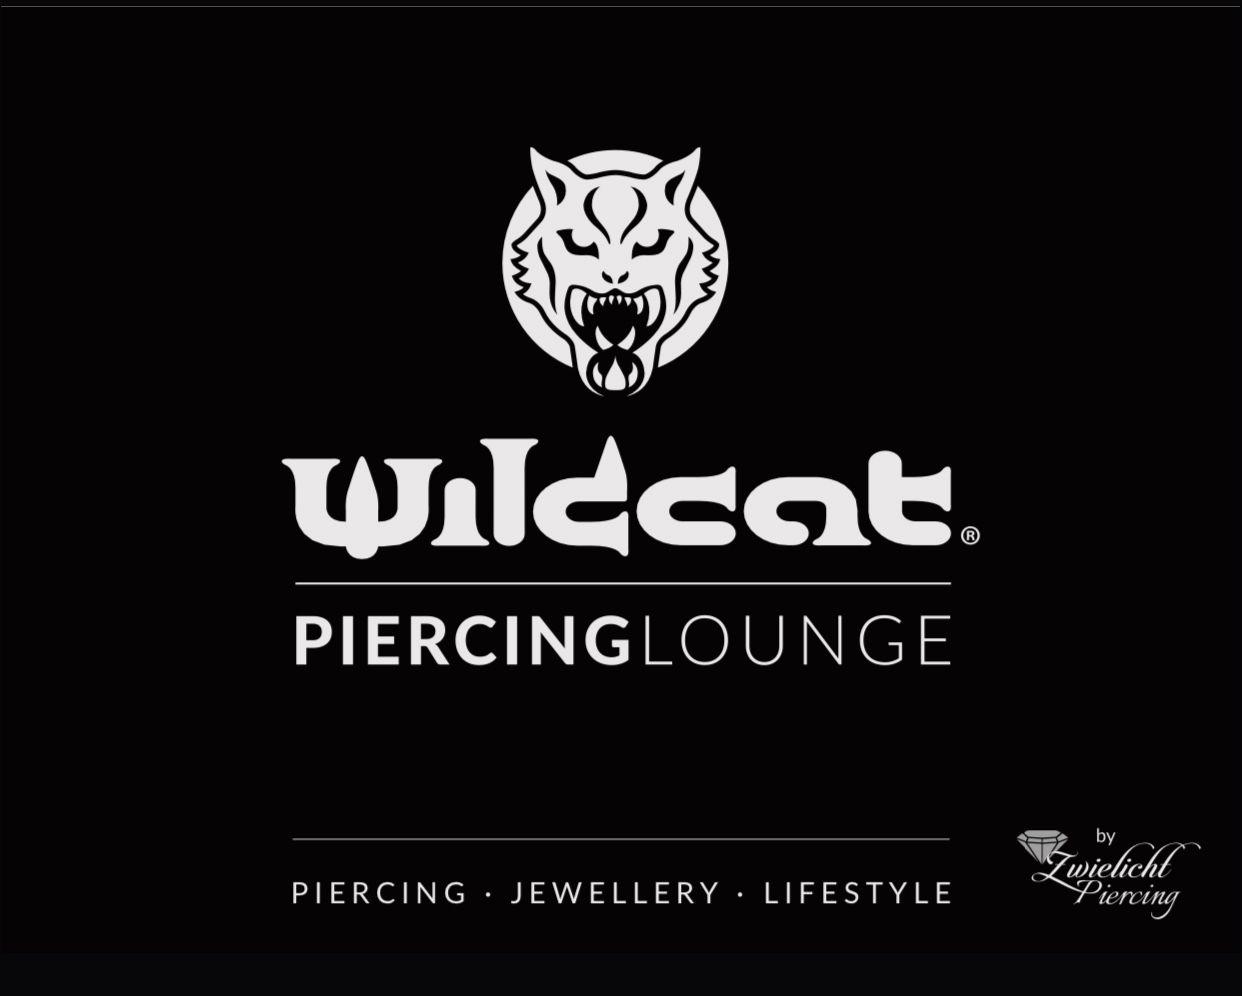 Wildcat Piercing Lounge